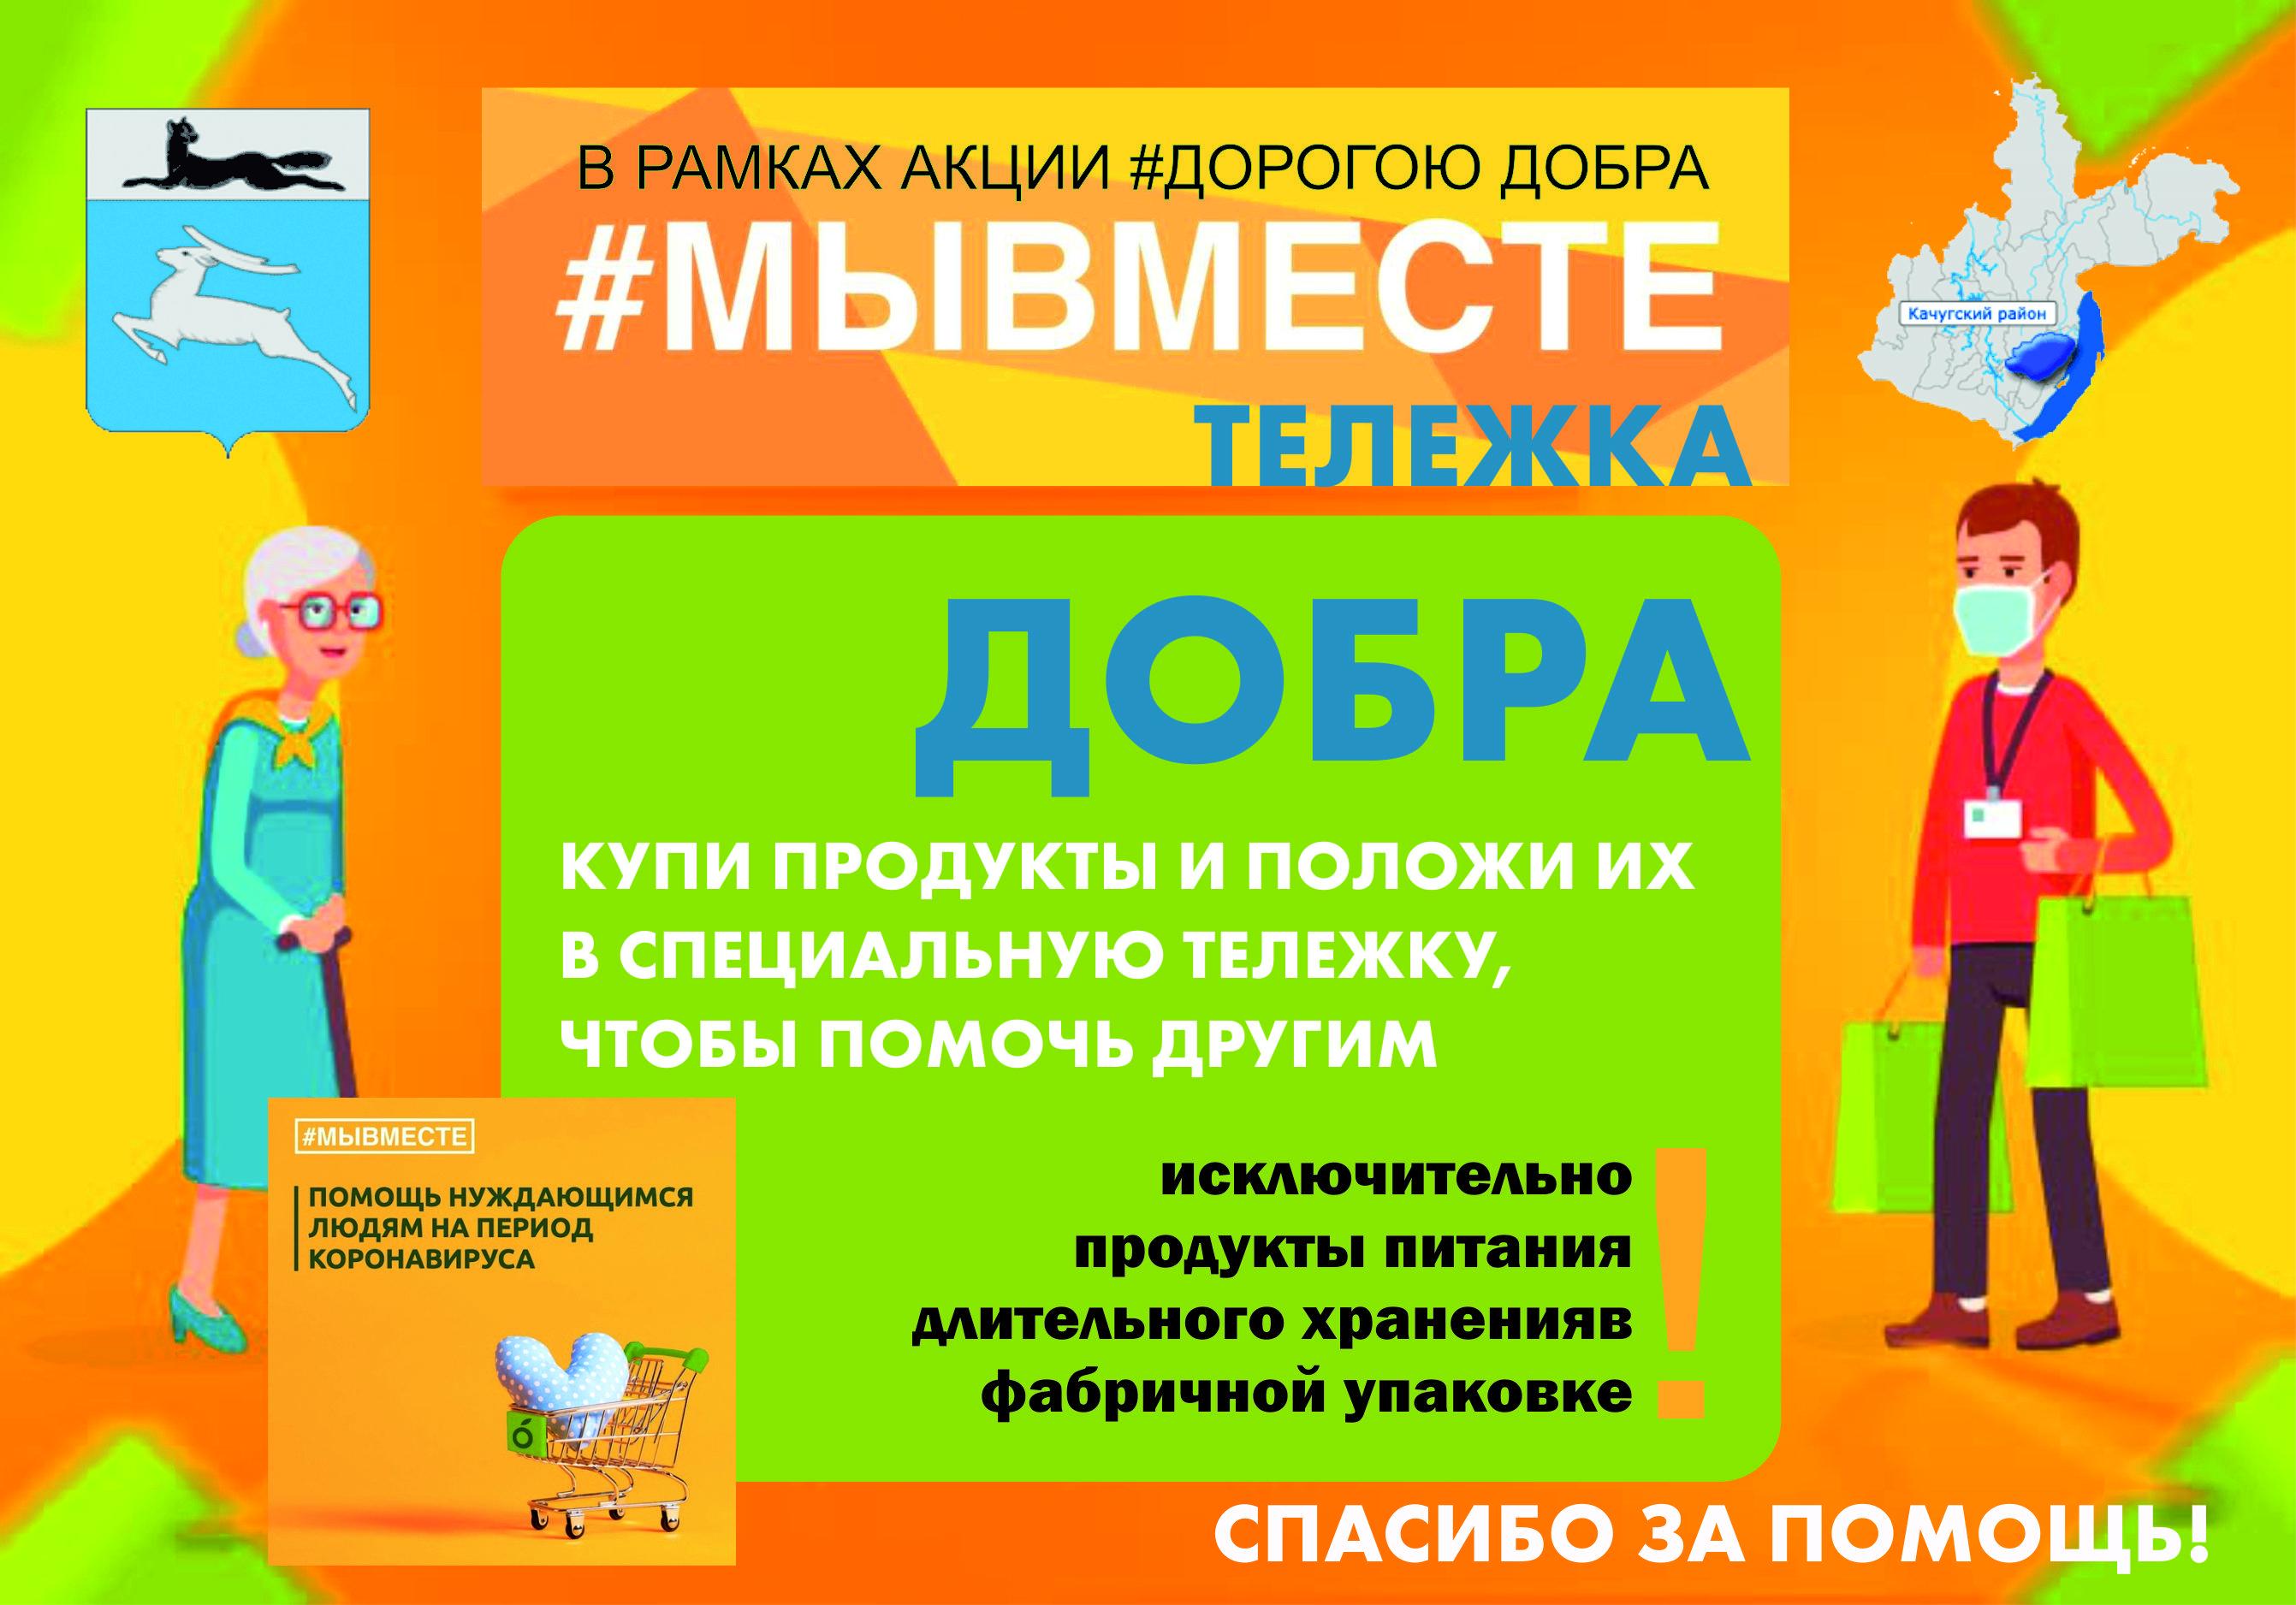 #МыВместе: стартовала всероссийская акция «Тележка добра» по сбору продуктов для нуждающихся в условиях пандемии